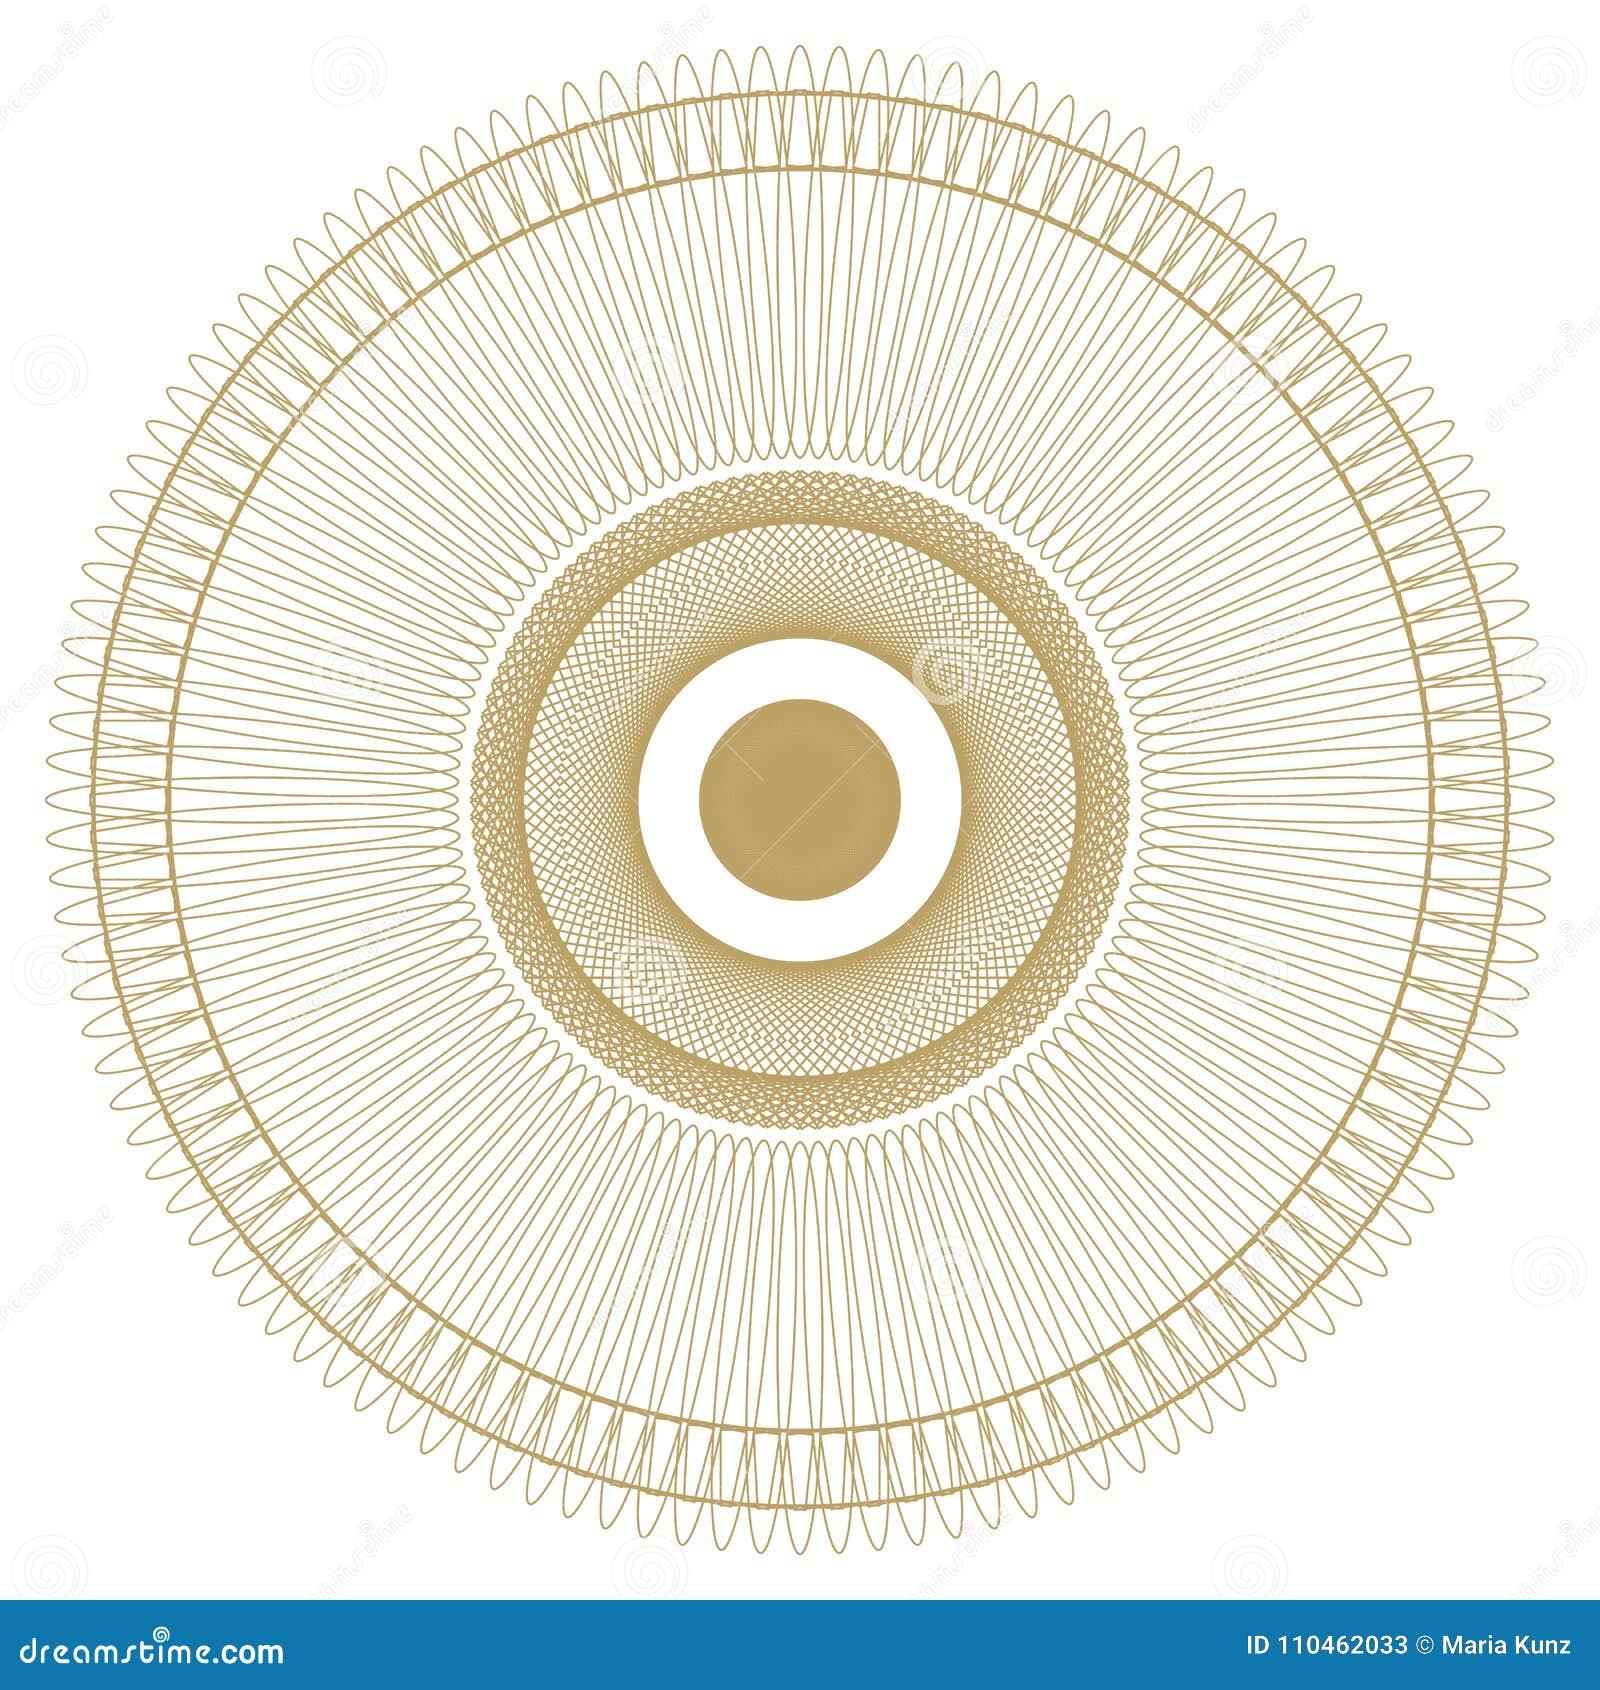 Rund modell modell med spirala beståndsdelar för designarbete